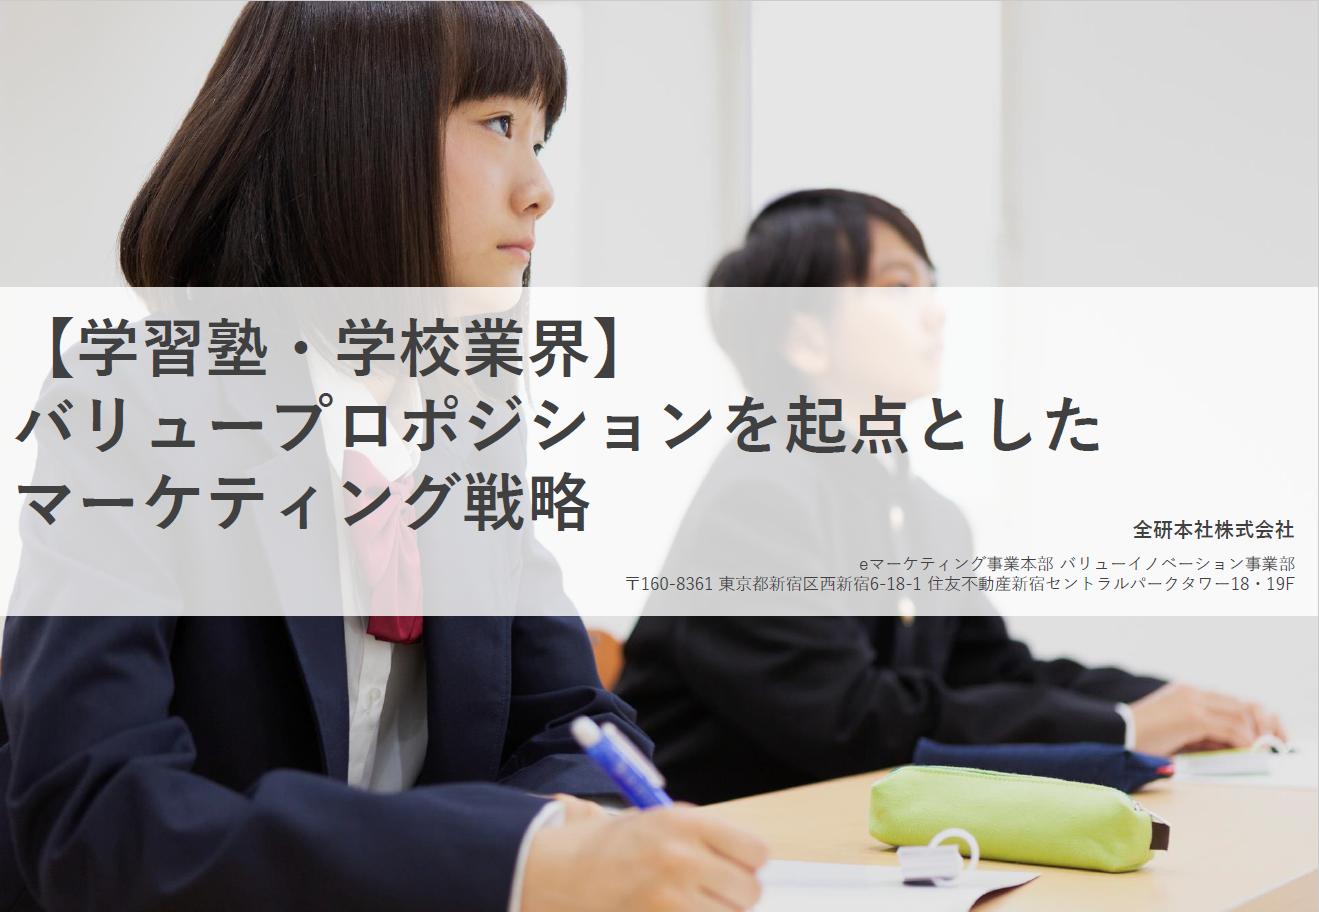 【学習塾・学校業界向け】バリュープロポジションを起点としたマーケティング戦略